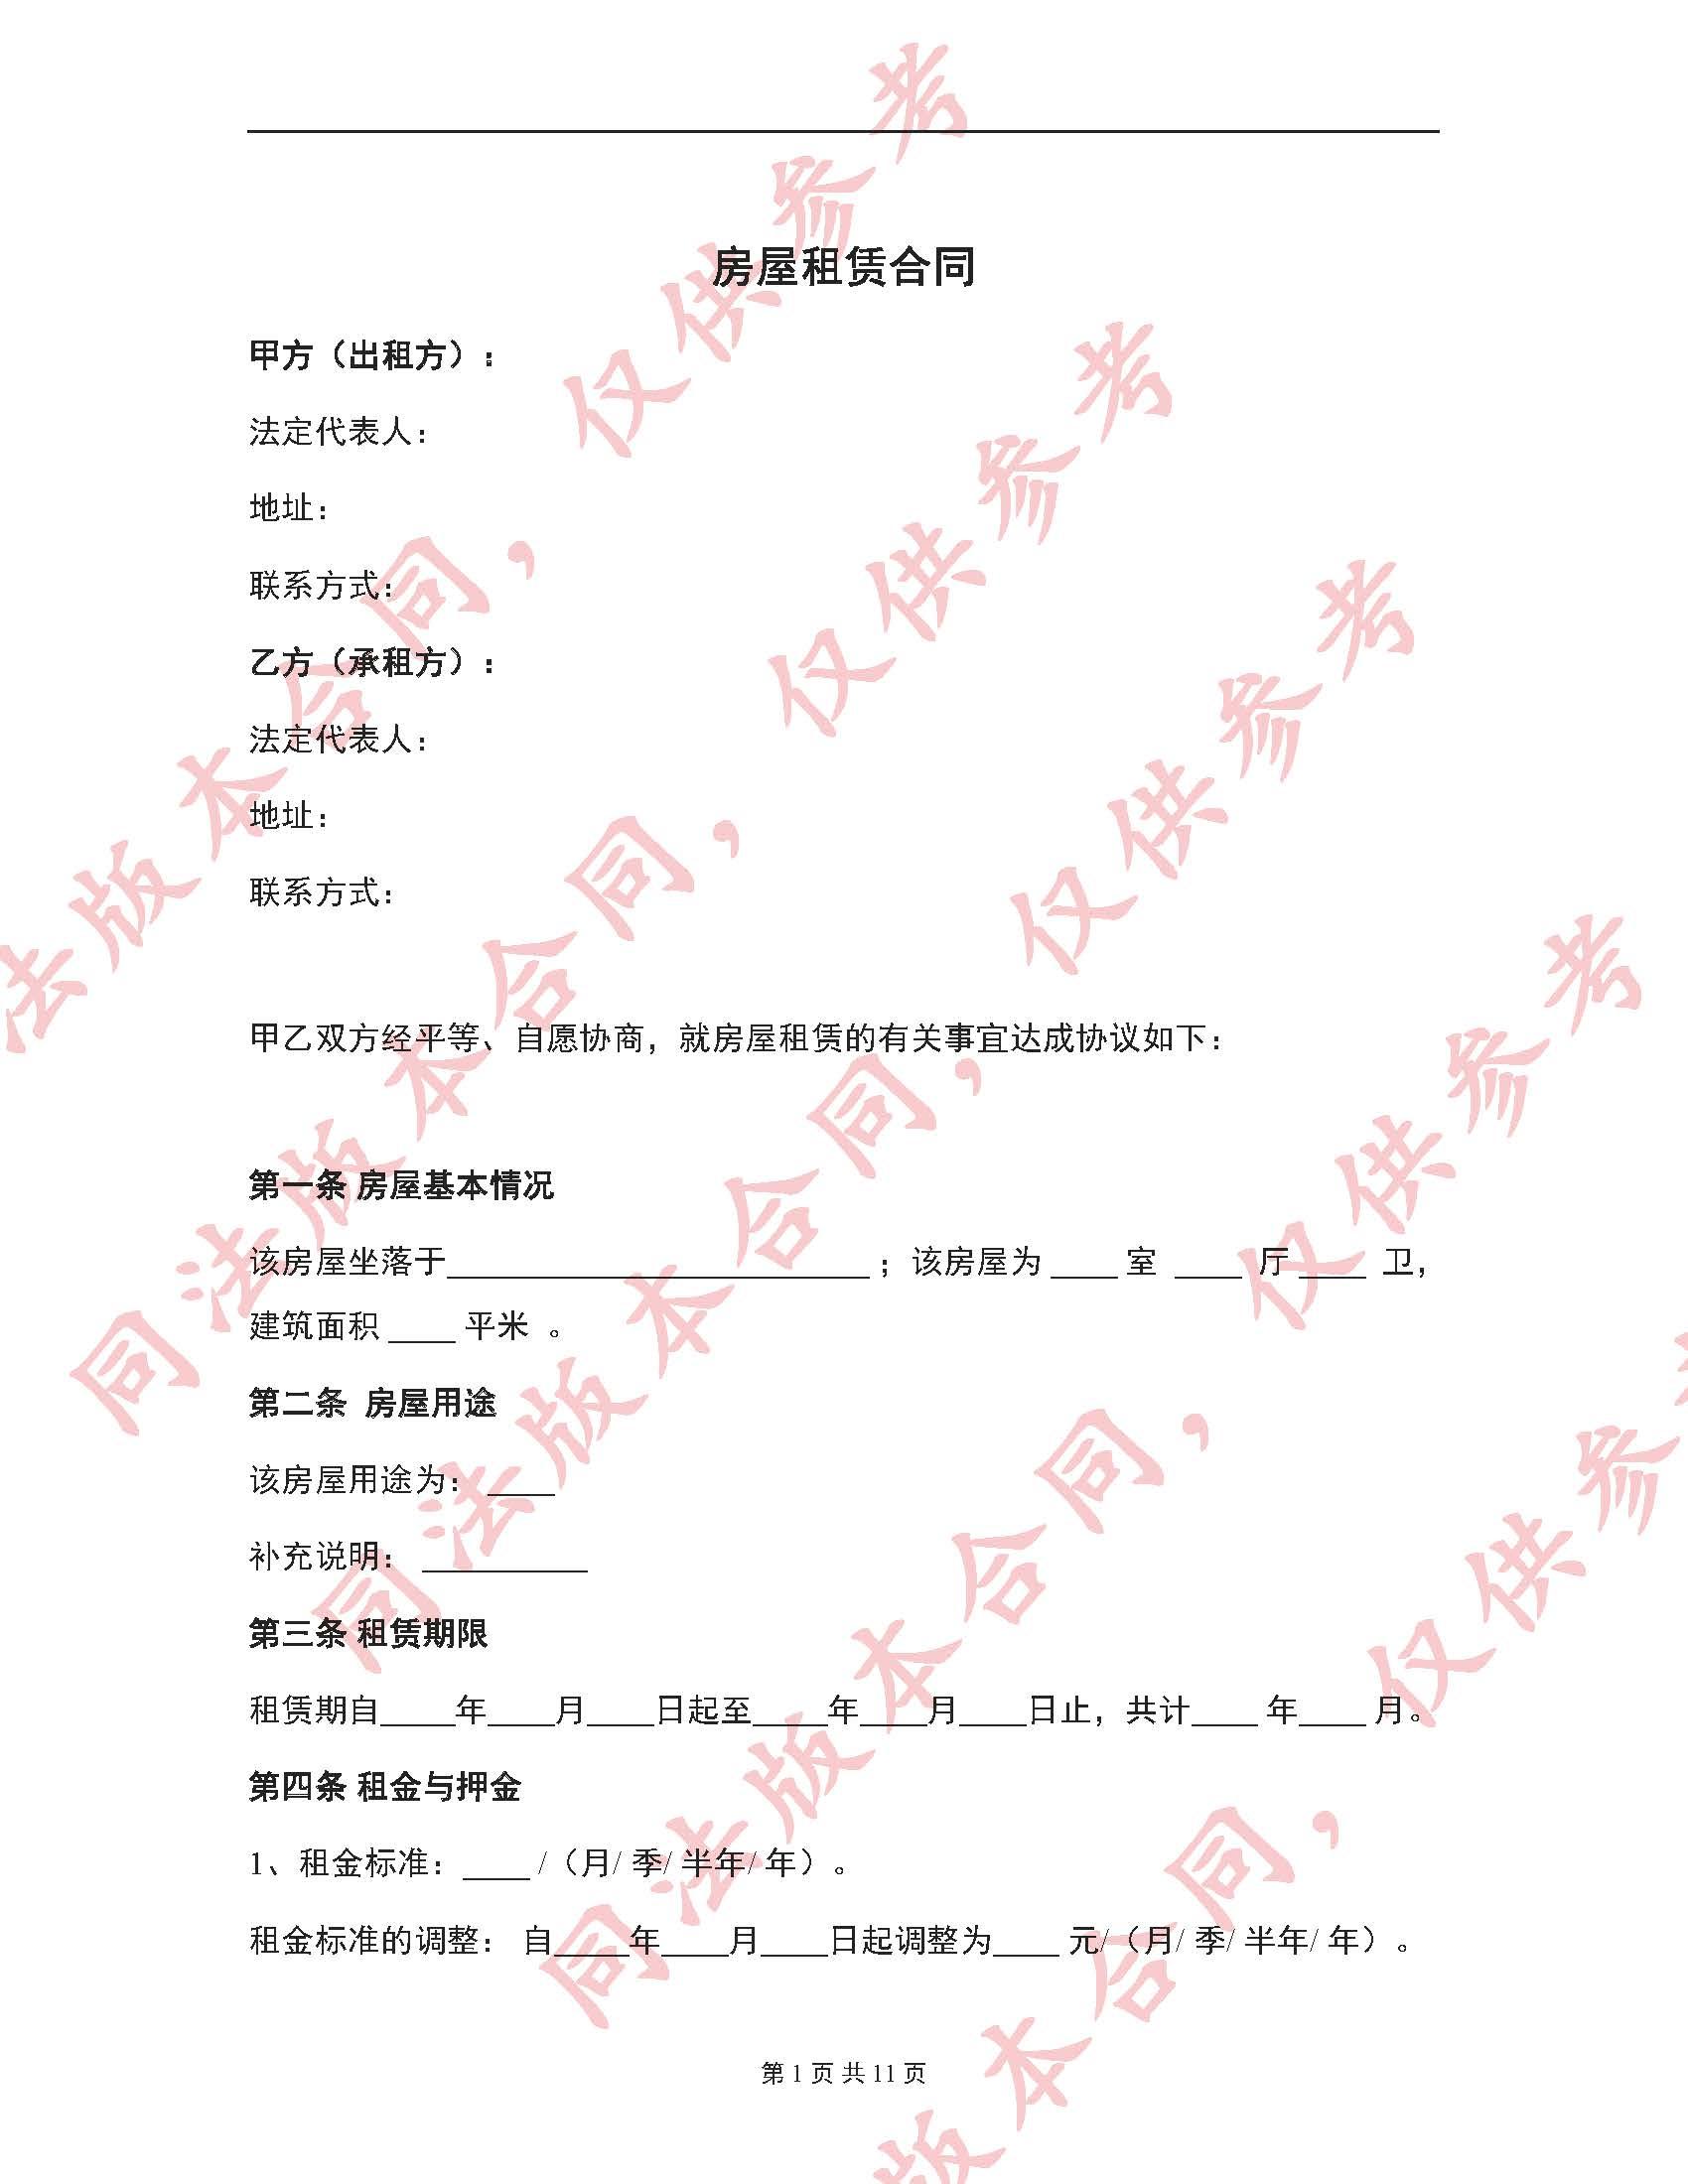 广州市房屋借用合同_【常见法律关系类】- -《房屋租赁合同》